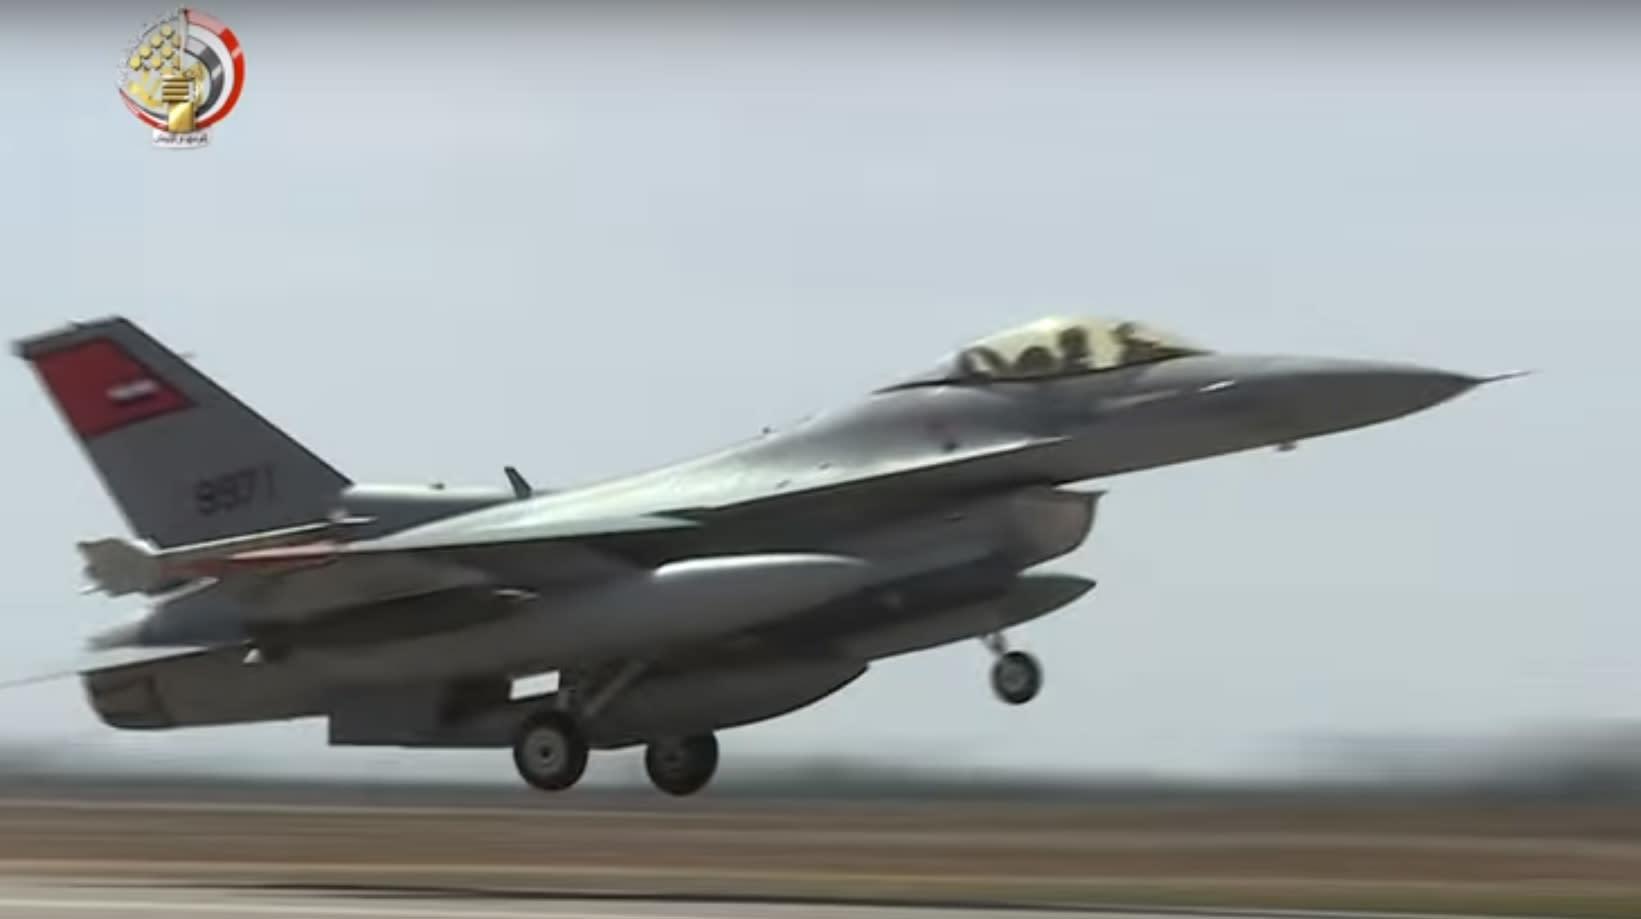 الجيش المصري: إحباط محاولة اختراق سيارات محملة بأسلحة للحدود الغربية